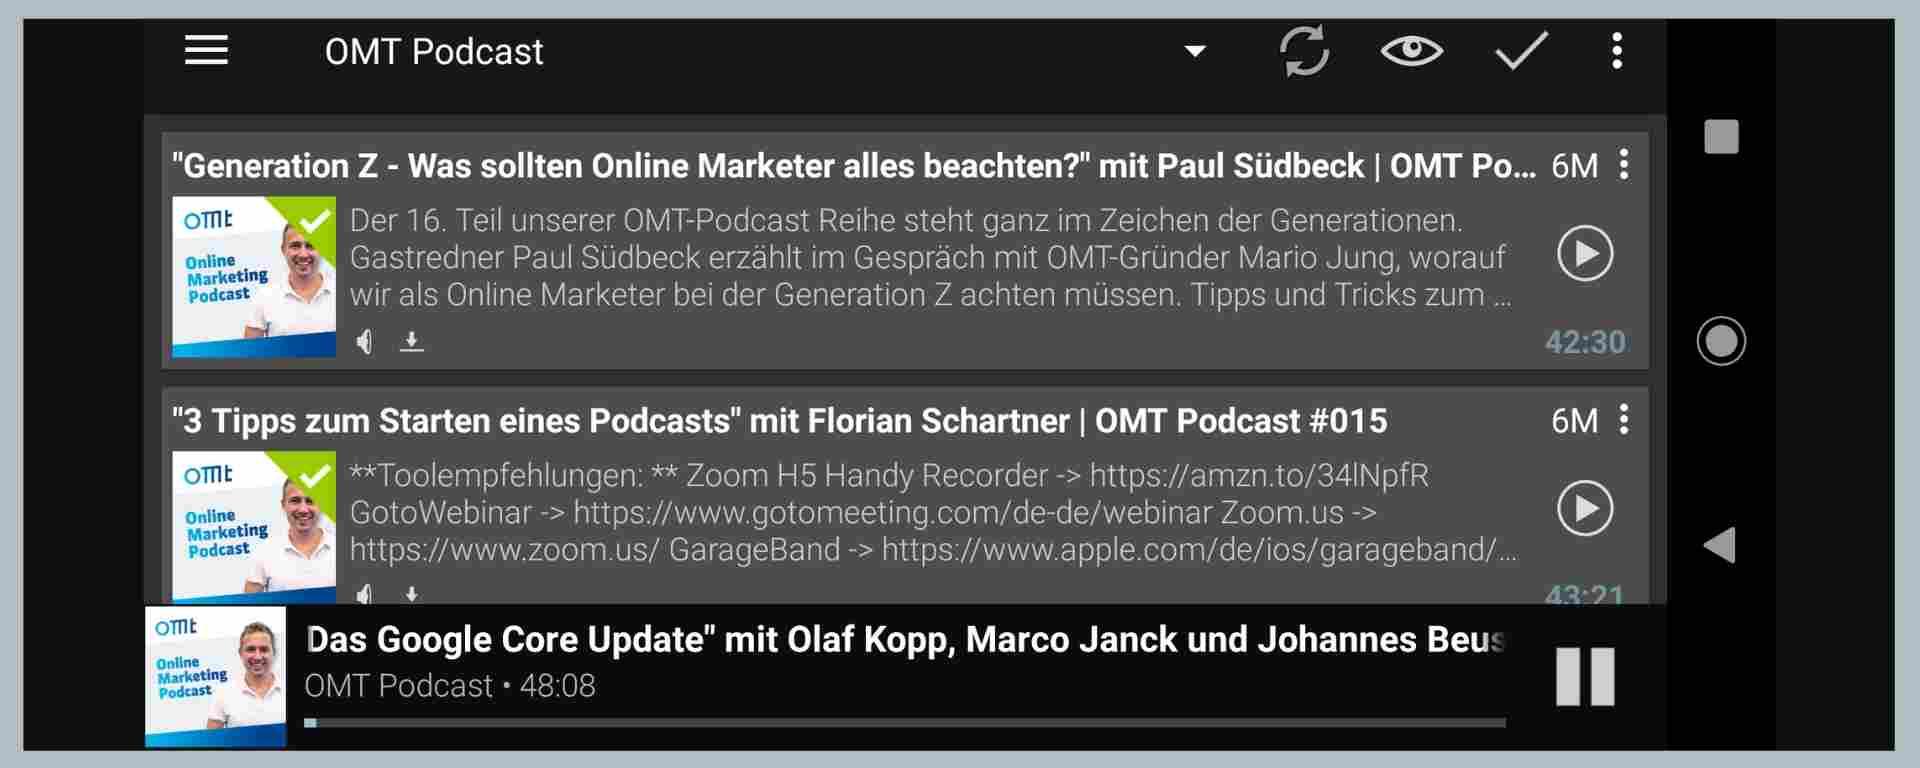 OMT-Podcast (Podcast-App-Ansicht)